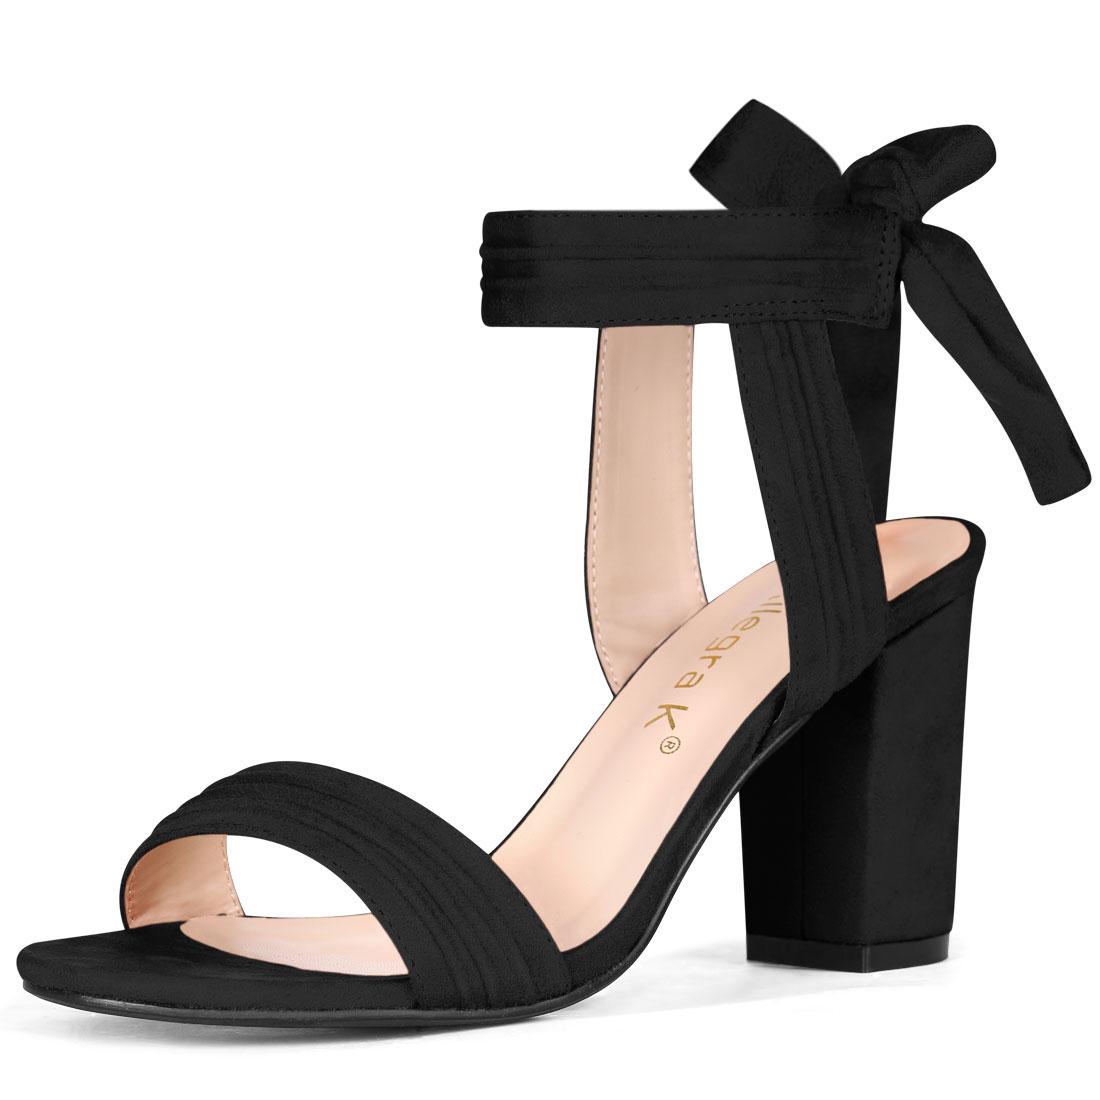 Allegra K Women's Open Toe Ankle Tie Back Chunky Heel Sandals Black US 5